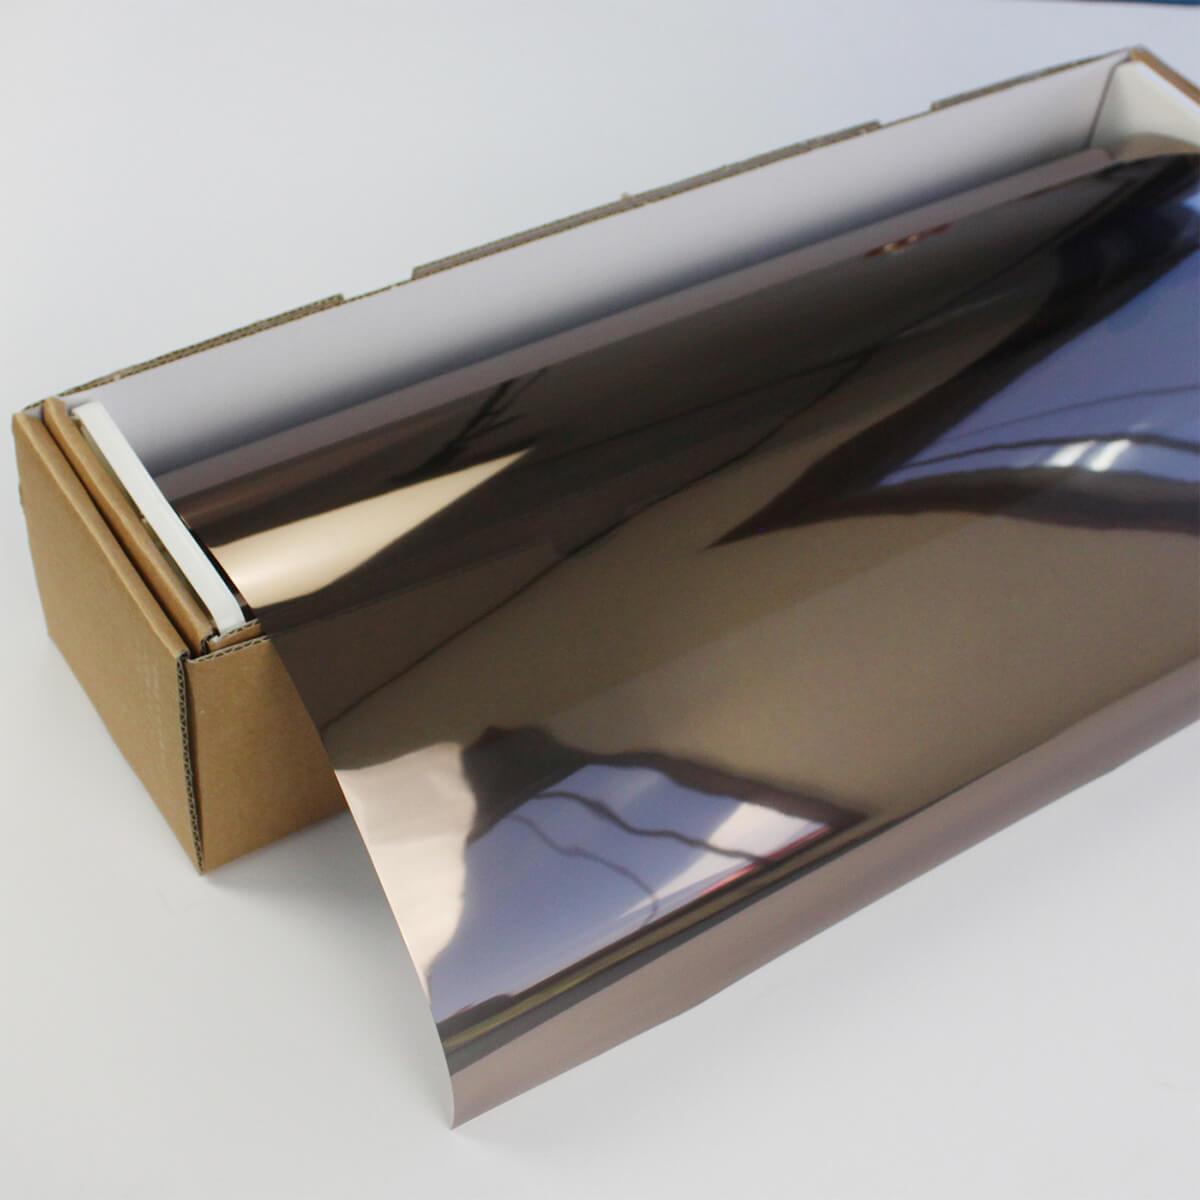 カーフィルム 窓ガラスフィルム SPブロンズメタル20(22%) 1.5m幅×30mロール箱売 ミラーフィルム 遮熱フィルム 断熱フィルム UVカットフィルム ブレインテック Braintec